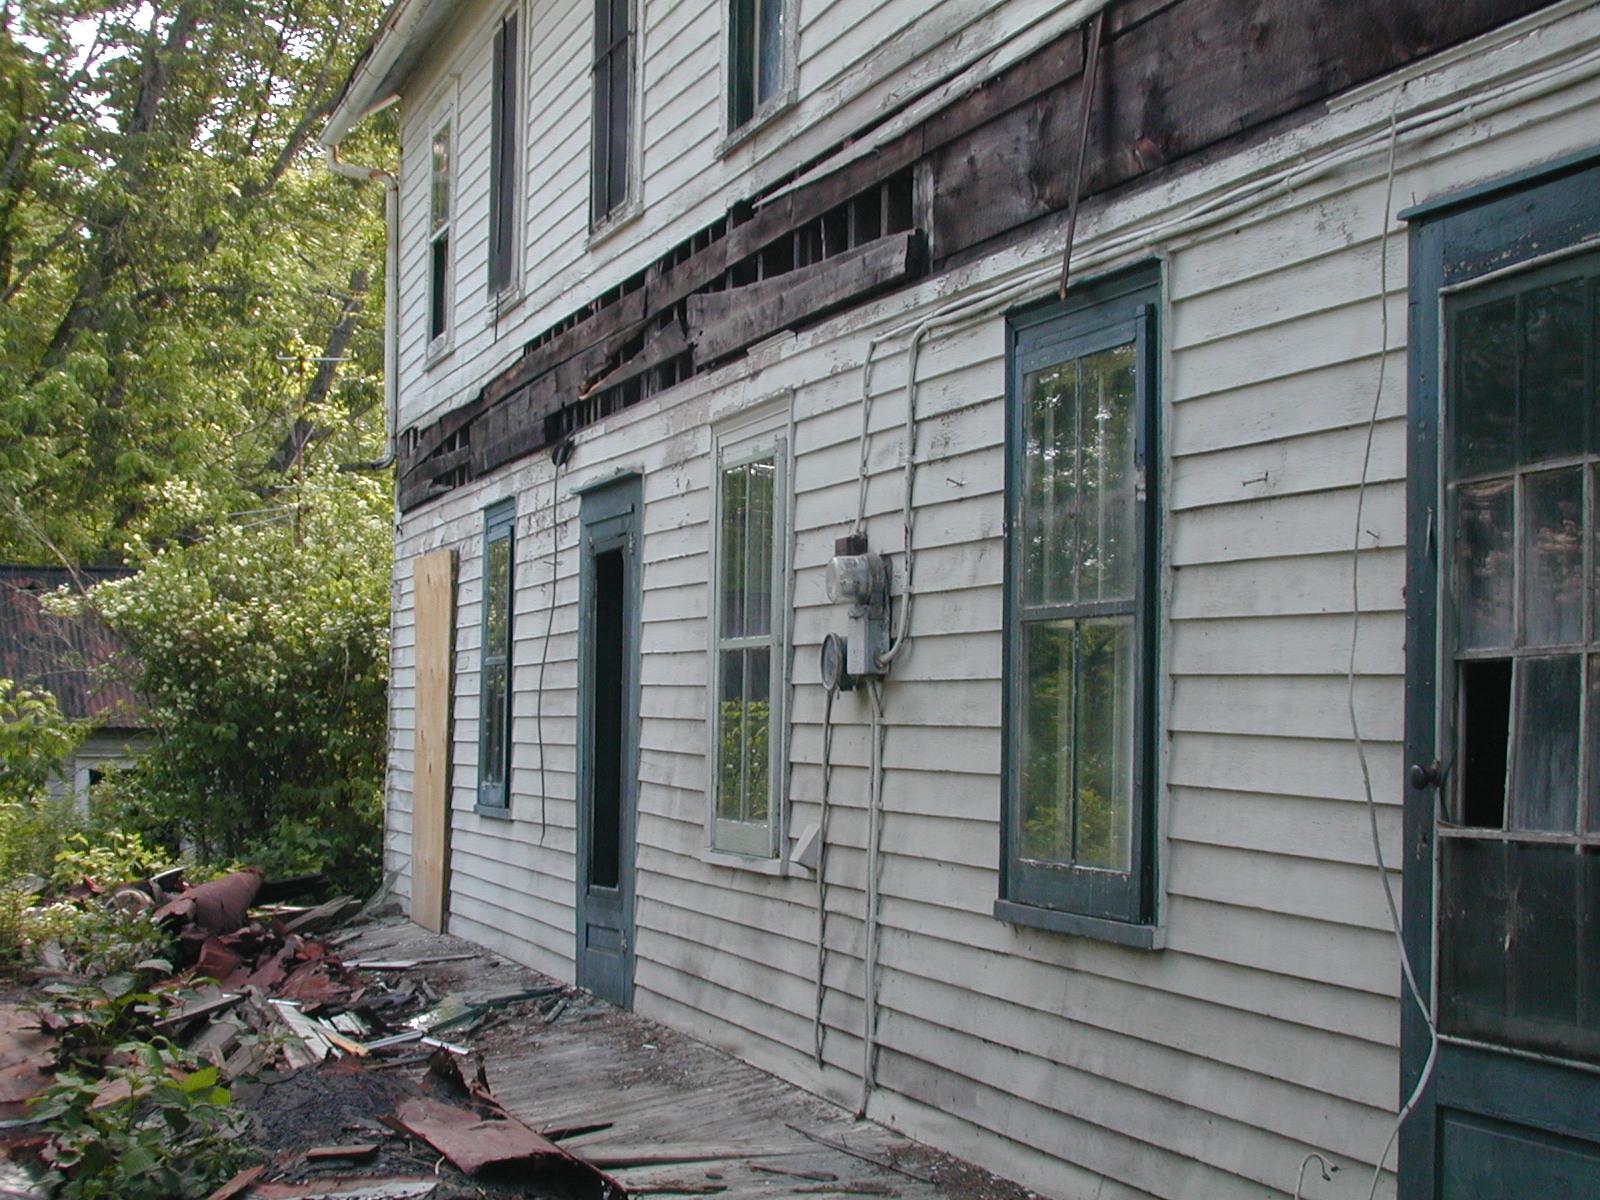 Third unknown house